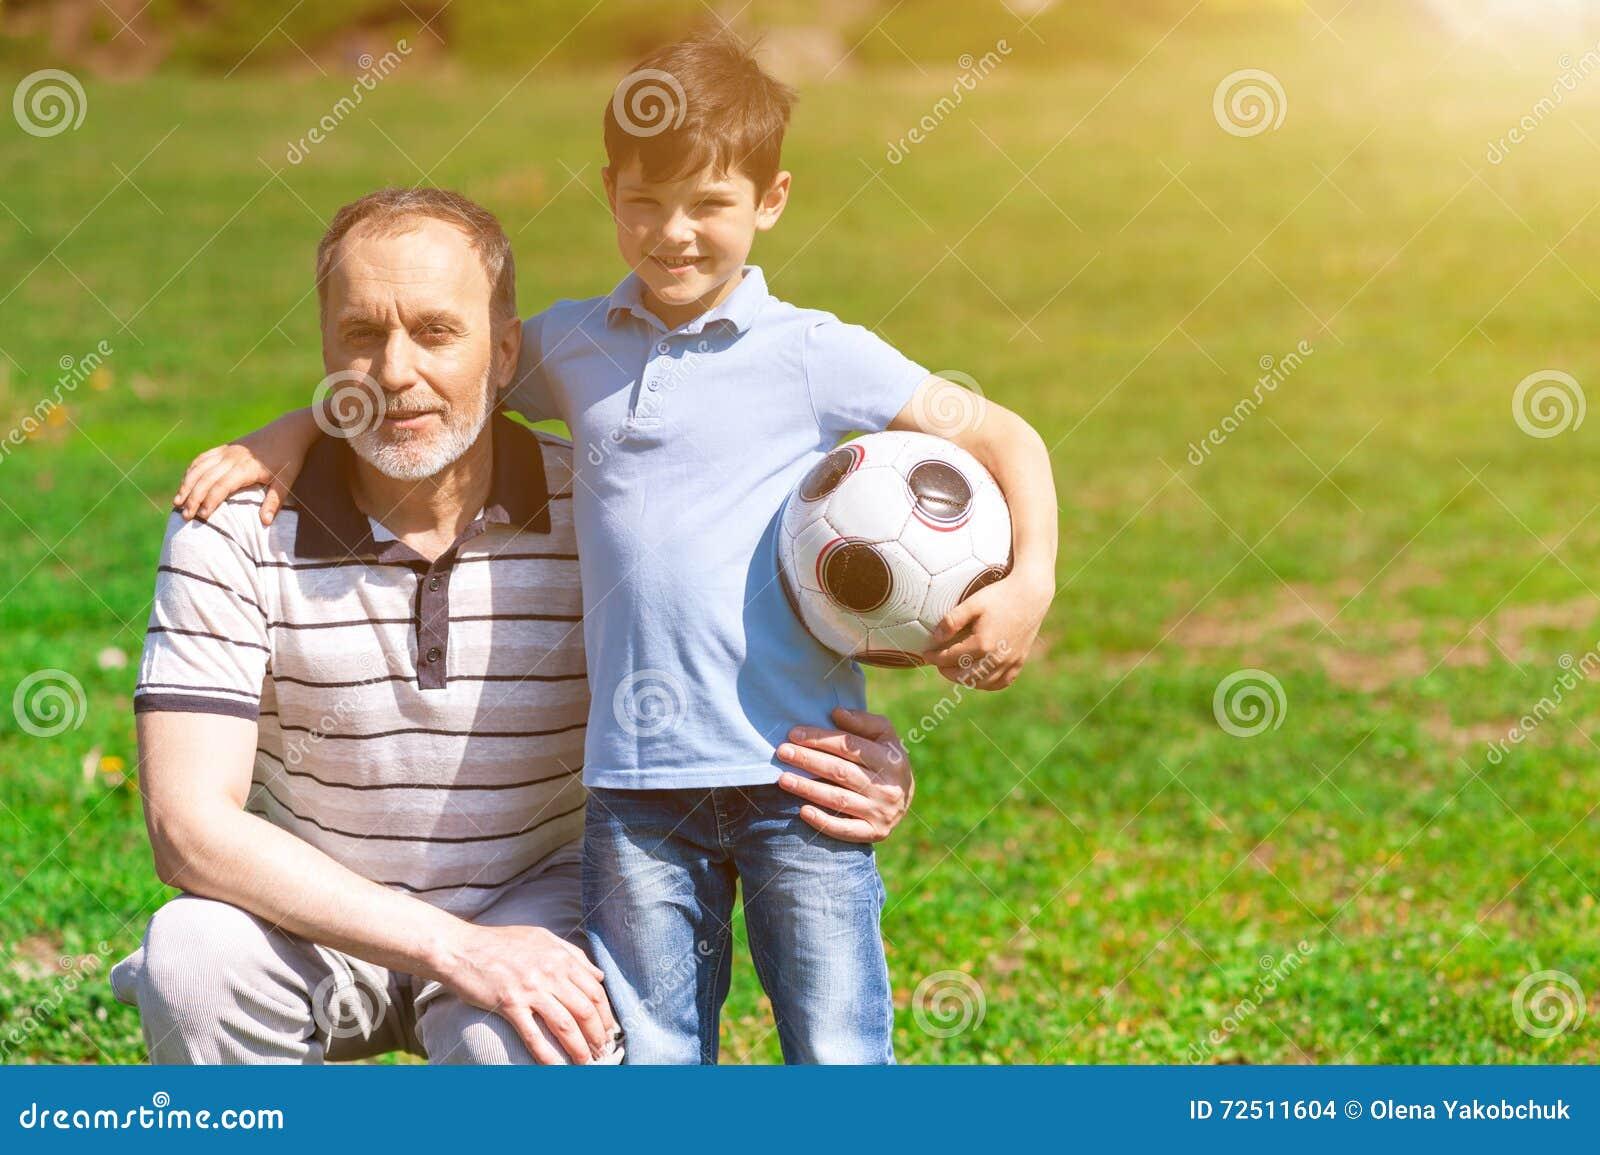 快乐的老踢橄榄球的人和他的孙